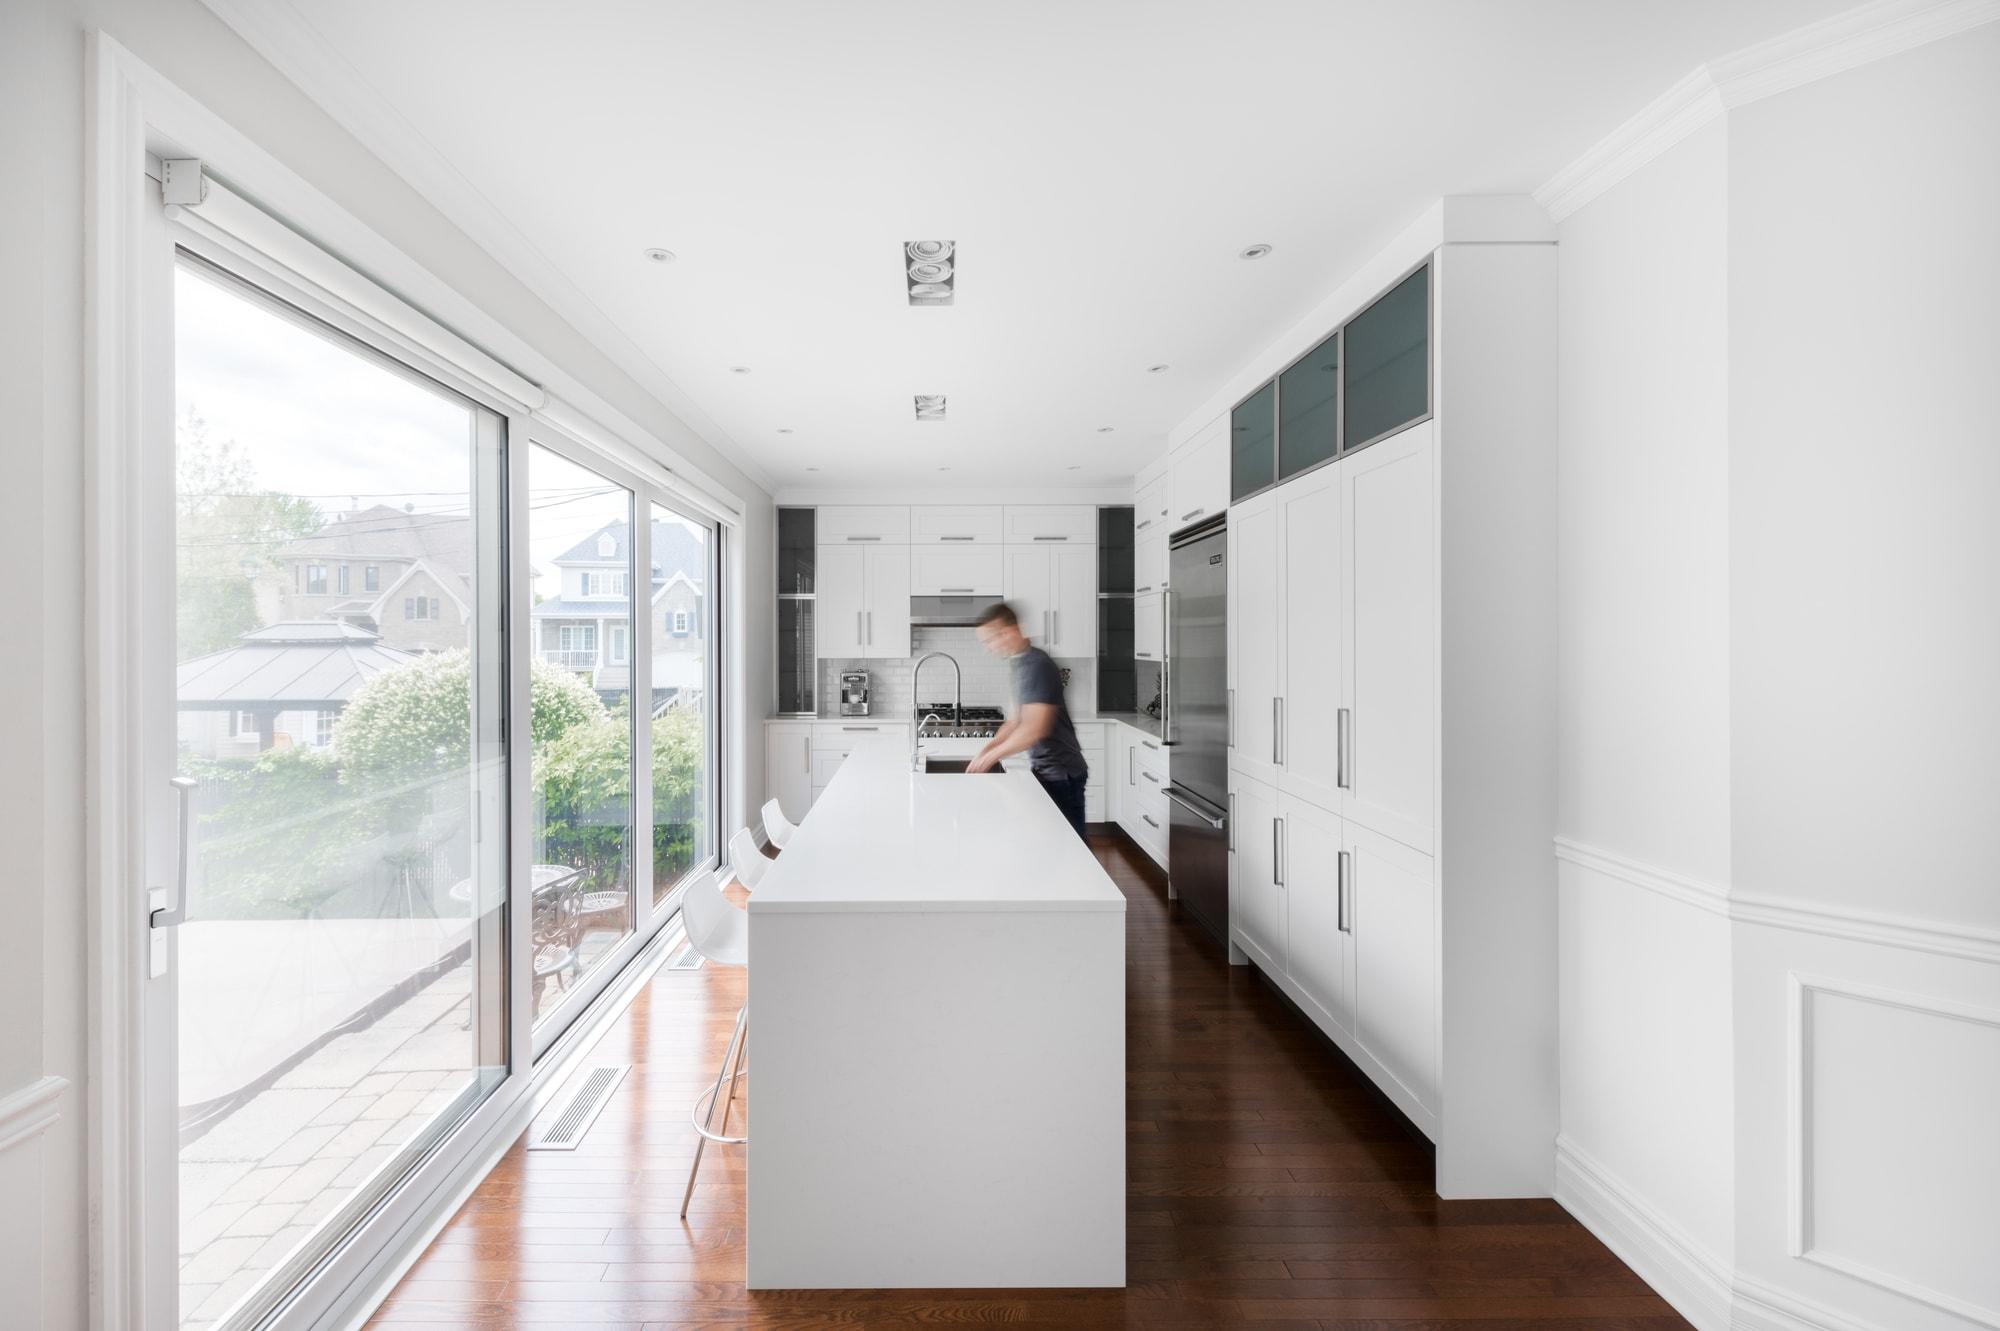 rénovation d'une cuisine moderne blanche avec grans îlot et comptoirs de quartz blancs